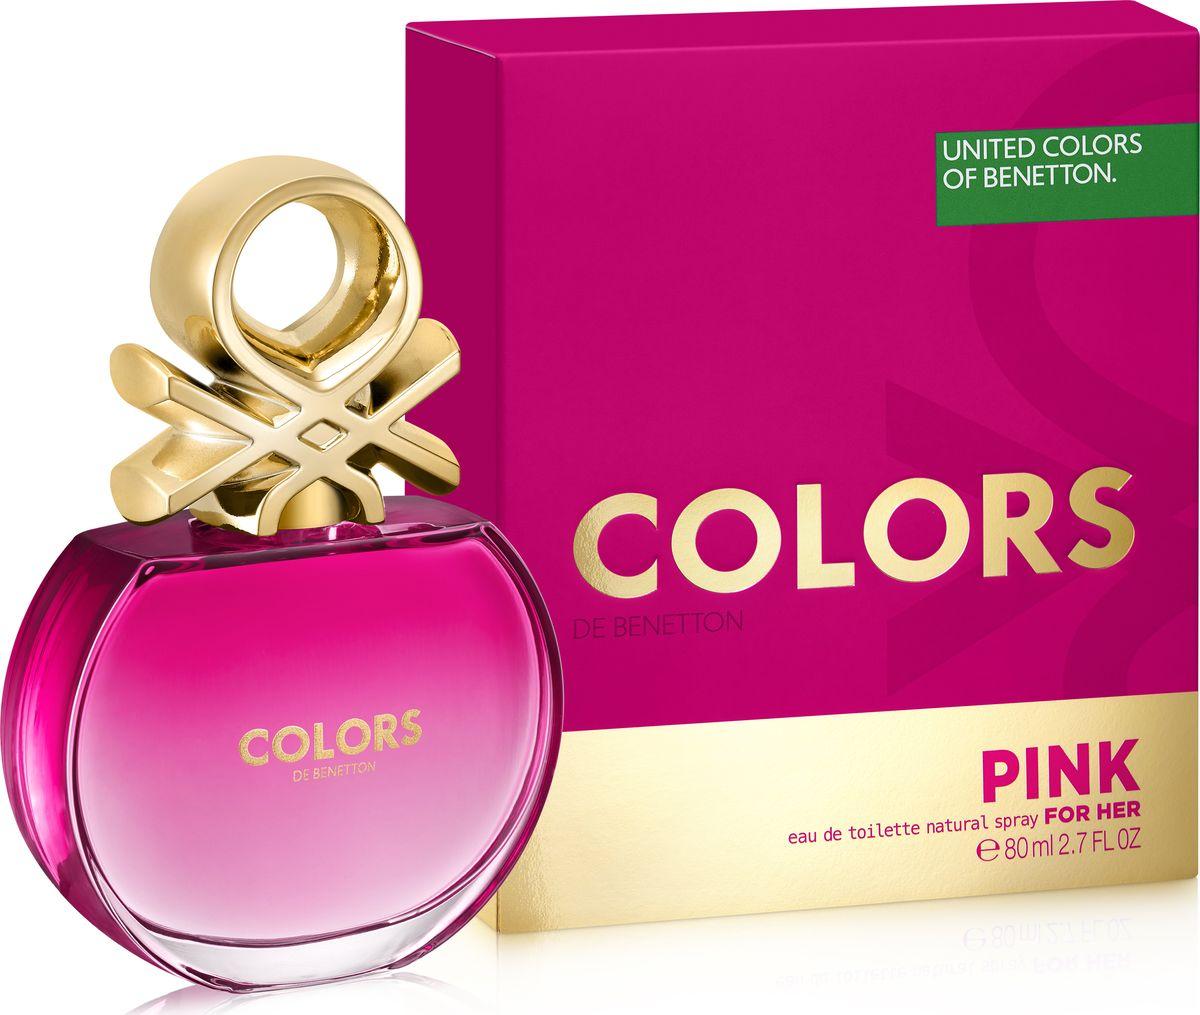 Benetton Colors Pink Туалетная вода женская 80 мл65107429Энергия революции мечтателей началась с UNITED DREAMS и достигла своей кульминации с женственной и яркой коммуникацией DREAM BIG «С НОВЫМИ МЕЧТАМИ!». Оптимистичный и позитивный призыв от United Colors of Benetton ко всем мечтателям, и тем, кто верит в способность желаний изменить мир к лучшему! Верхняя нота: Бергамот, Мандарин, Маракуйя Средняя нота: Апельсиновый цвет, Роза, Жасмин Шлейф:Благородный цветок розы, который создаёт женственный и романтичный нюансНанести на кожу, избегая попадания в глаза.